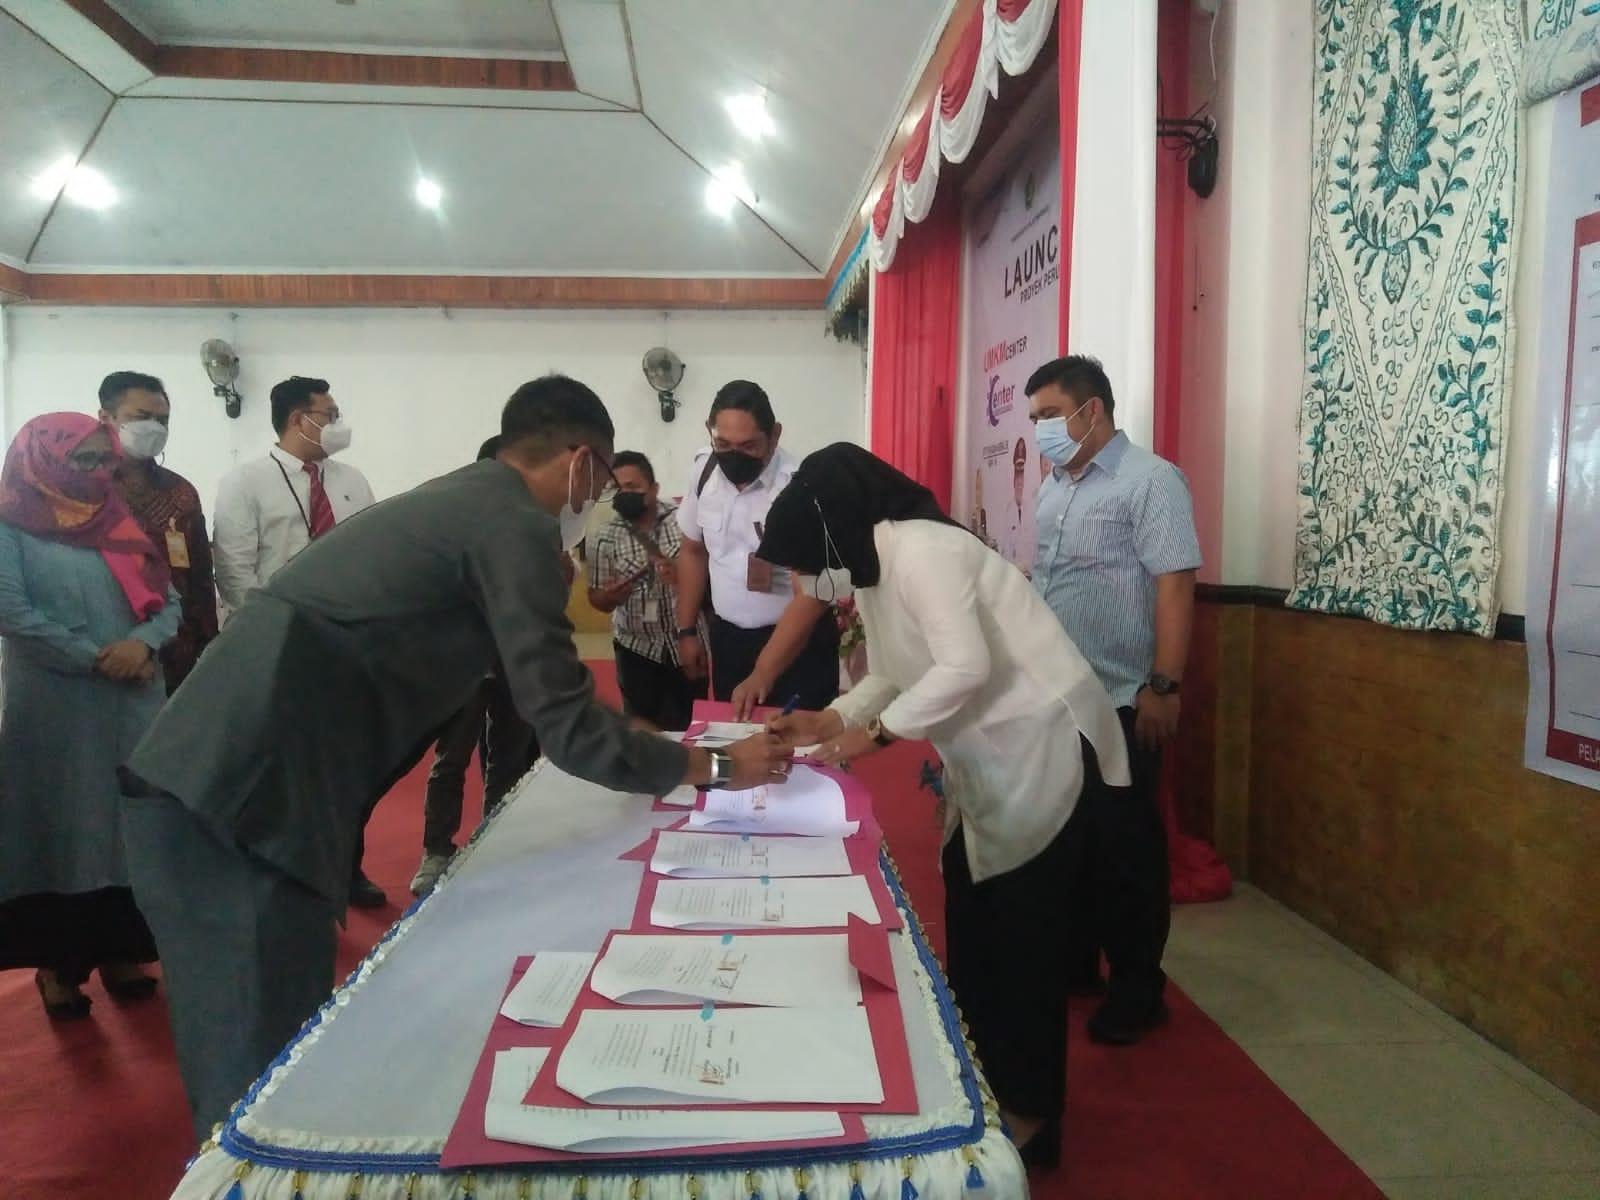 Walikota Kotamobagu Launching UMKM Center dan PusdalBaper